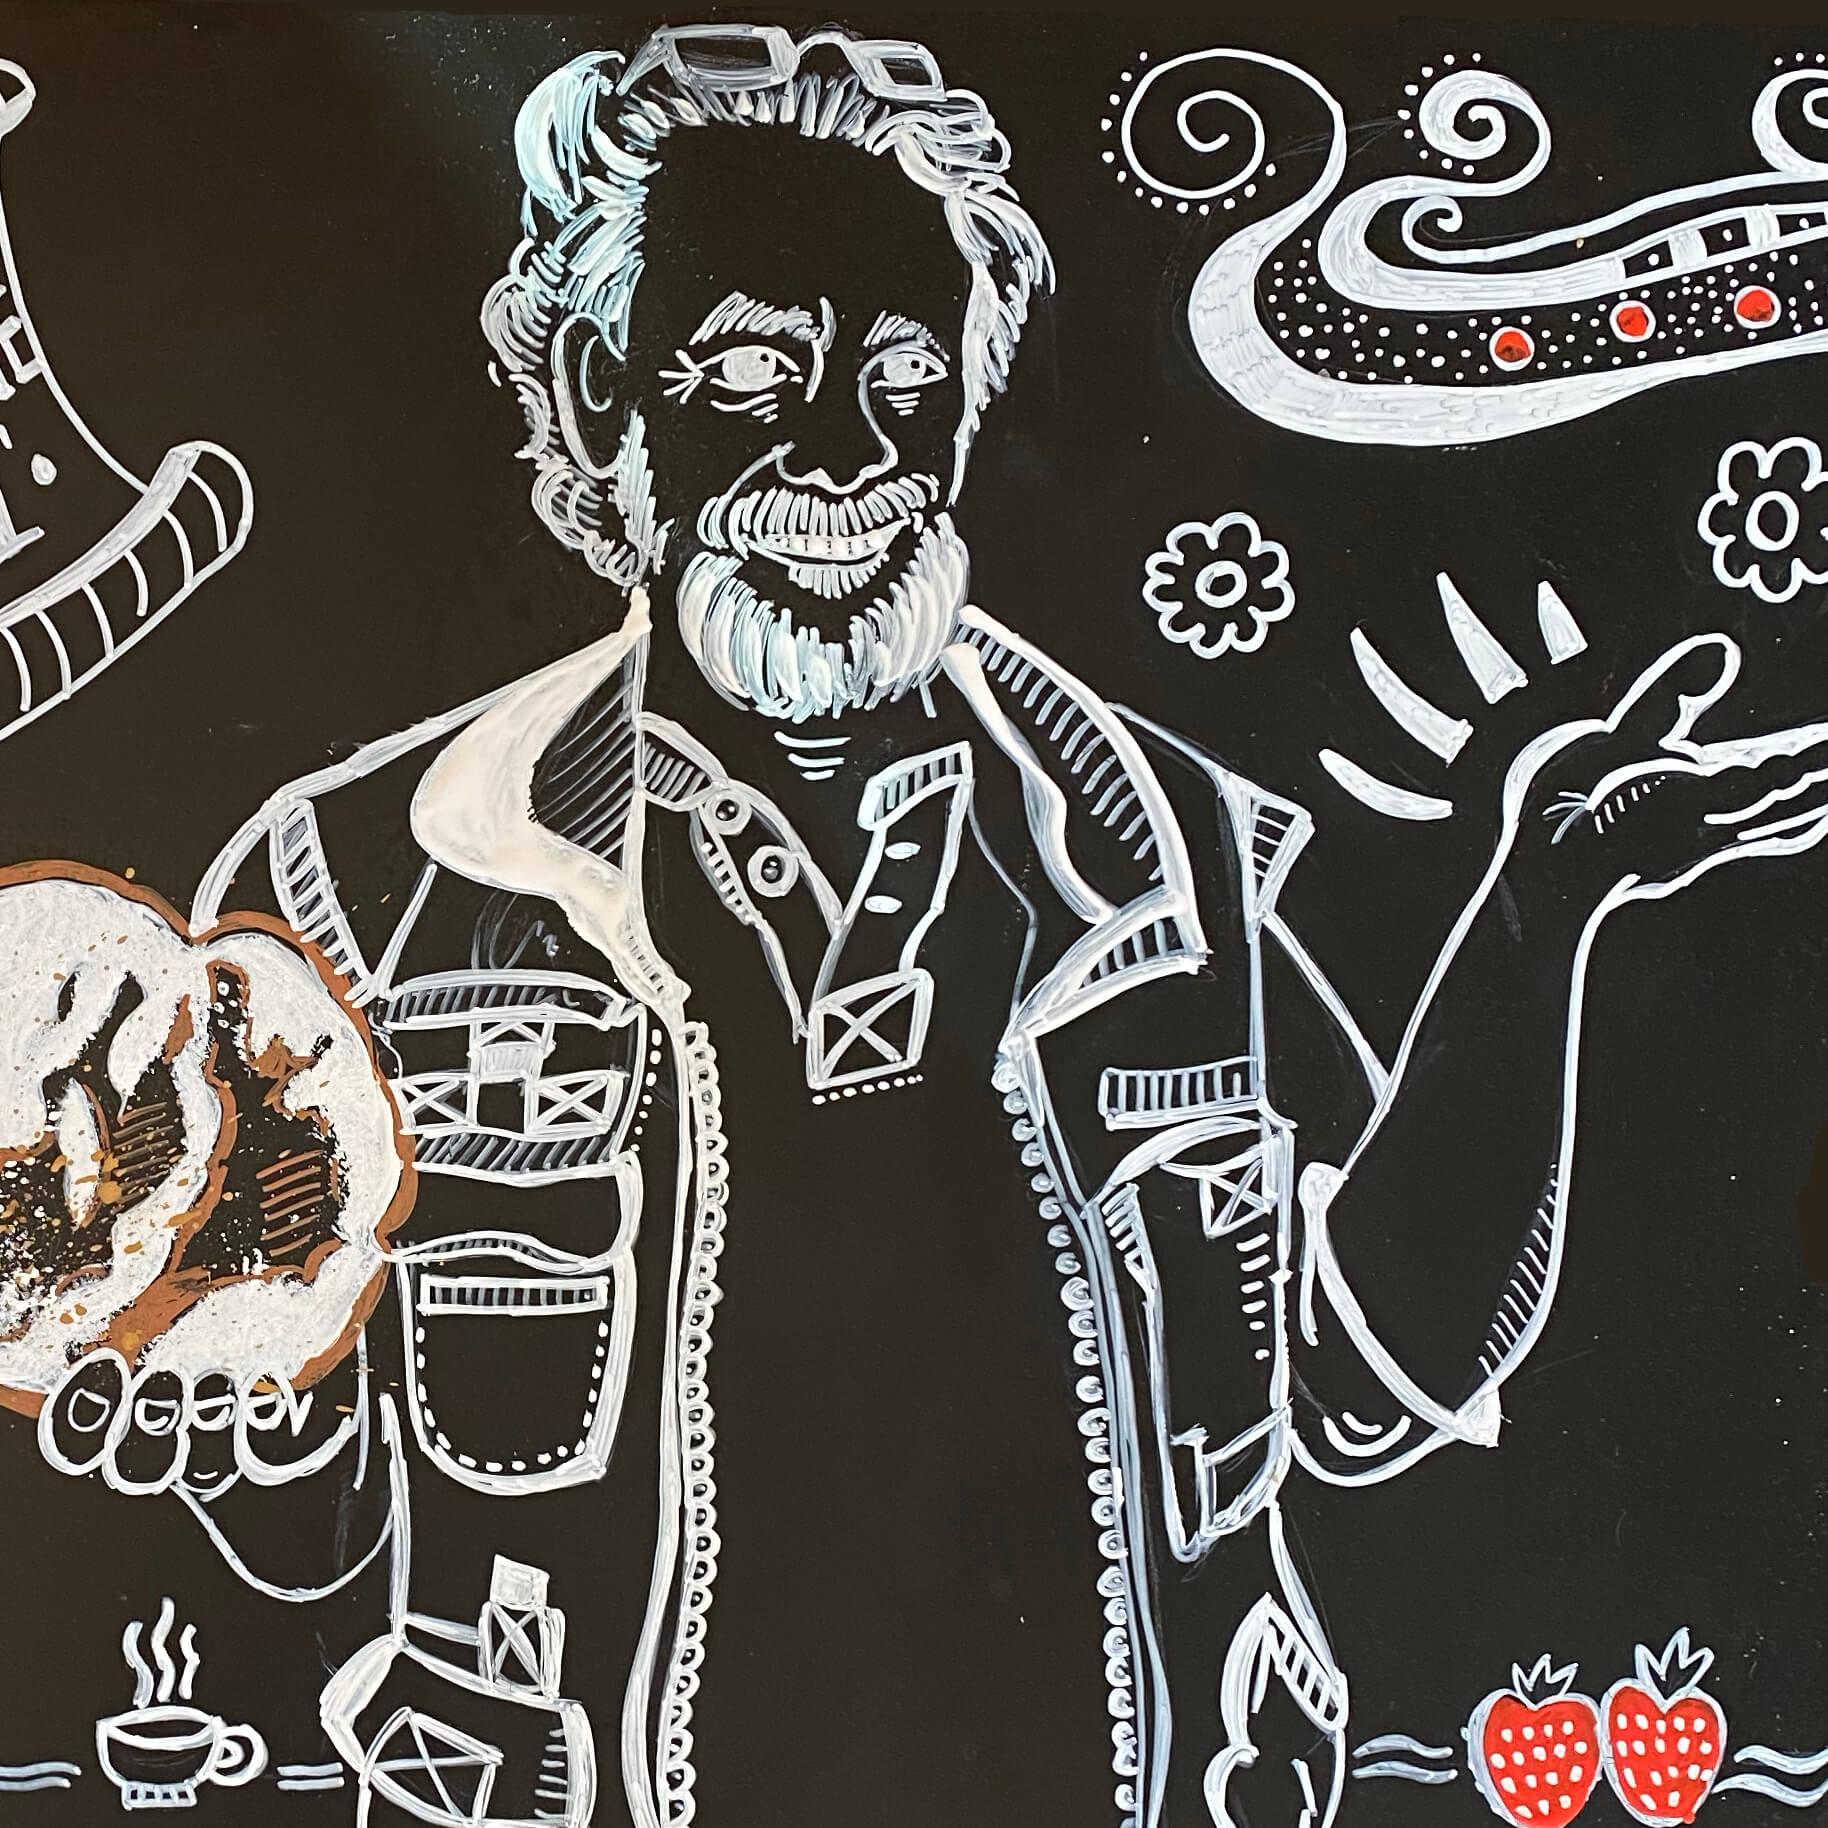 Illustration im Chalklettering-Stil mit Kreidestiften auf Kreidetafel von Bäcker Thomas Weiss , Glottertal-Germany